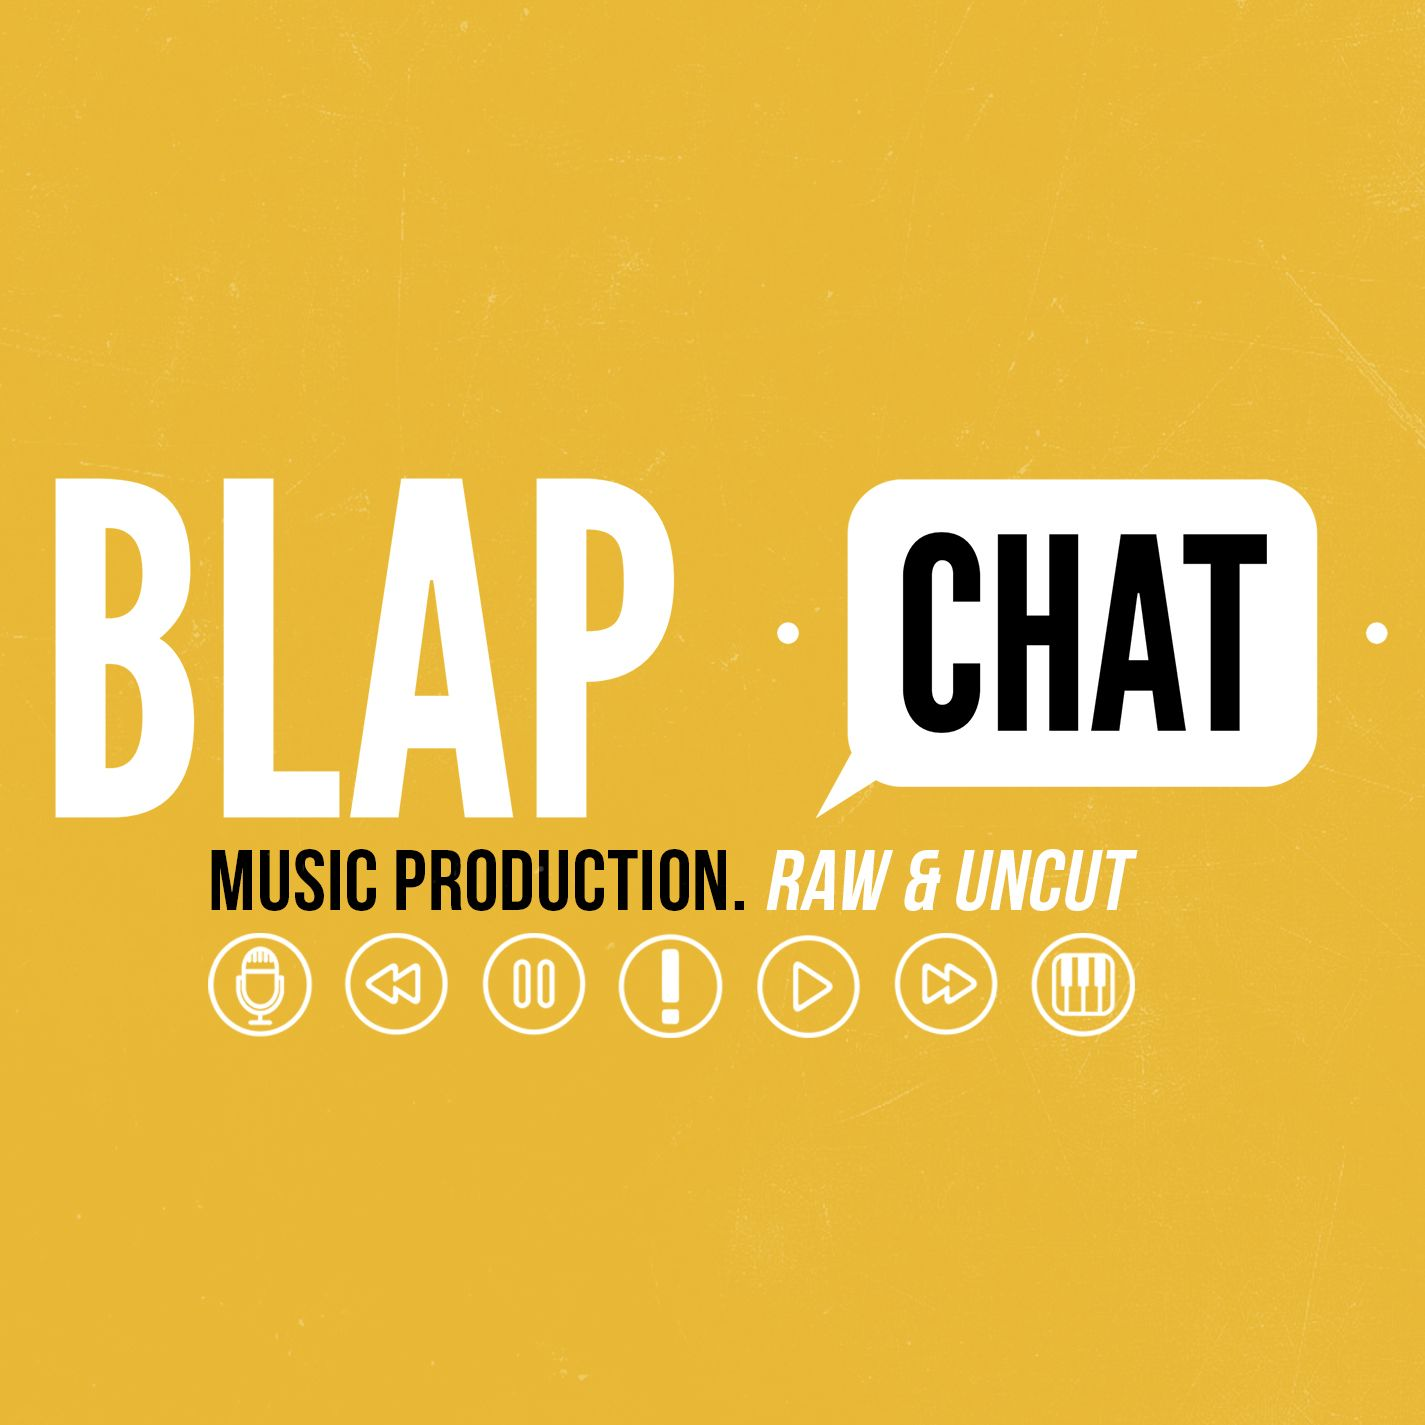 blapchat logo.jpg